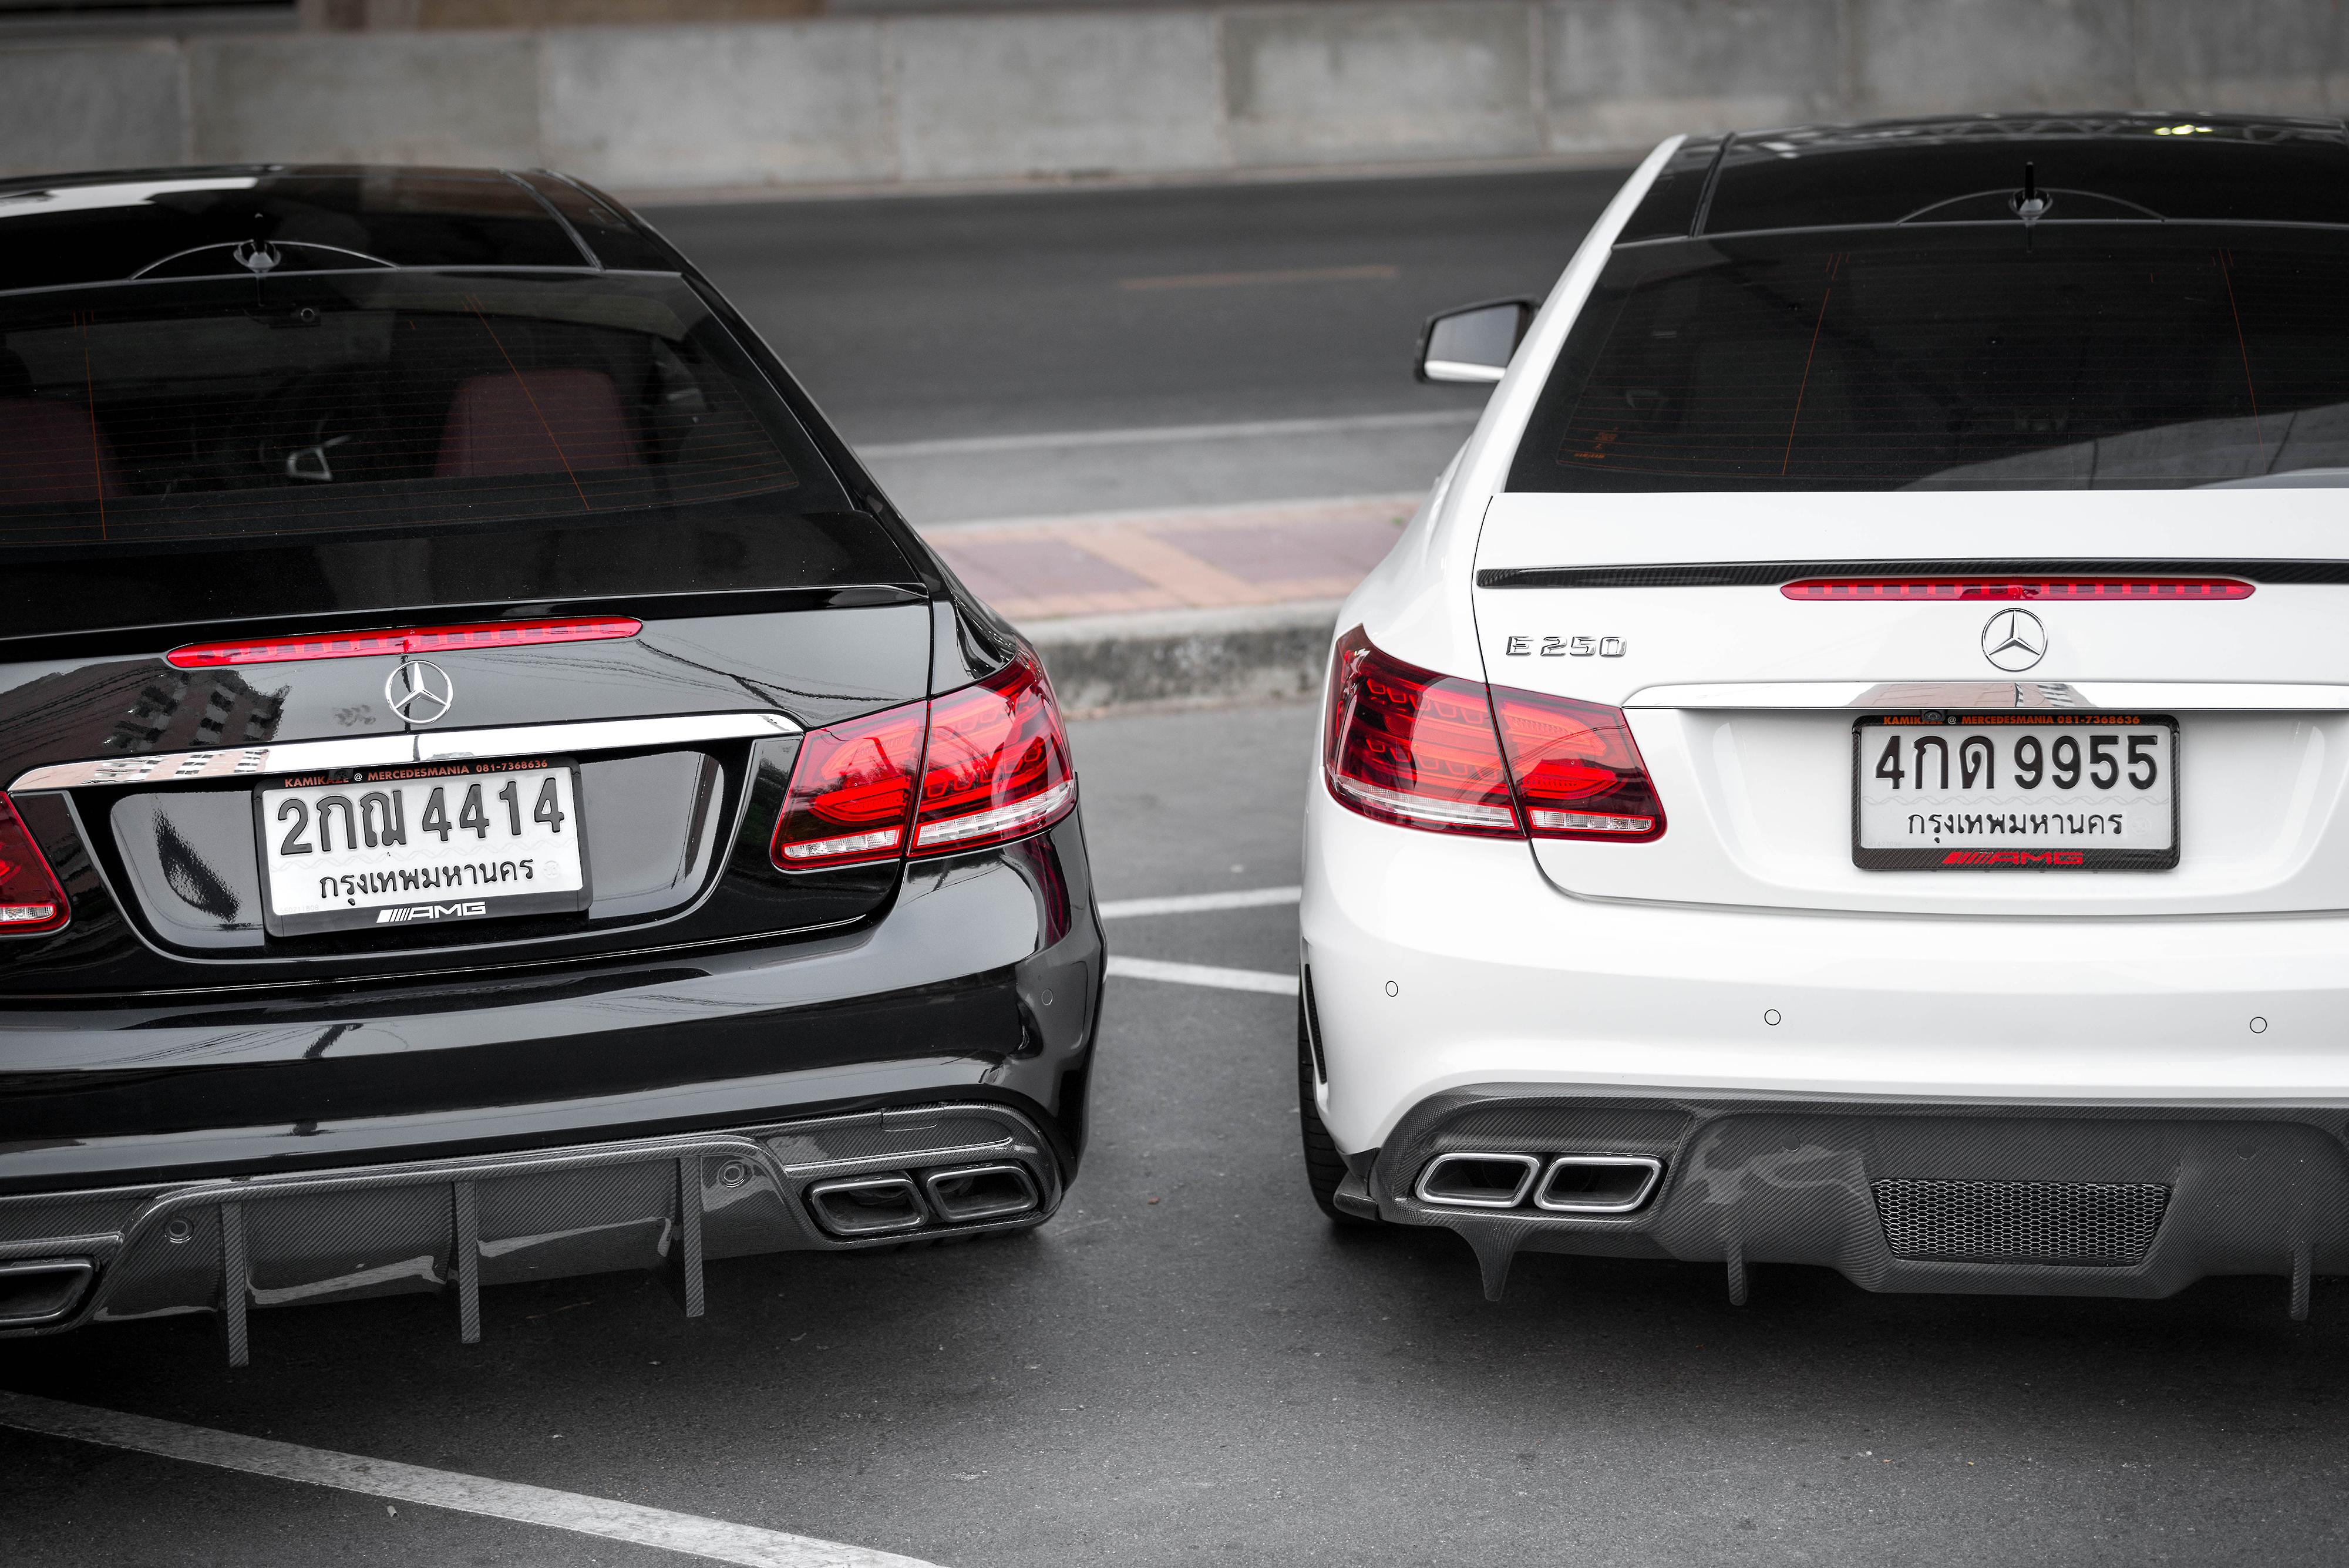 Mercedes carbon fiber rear diffuser